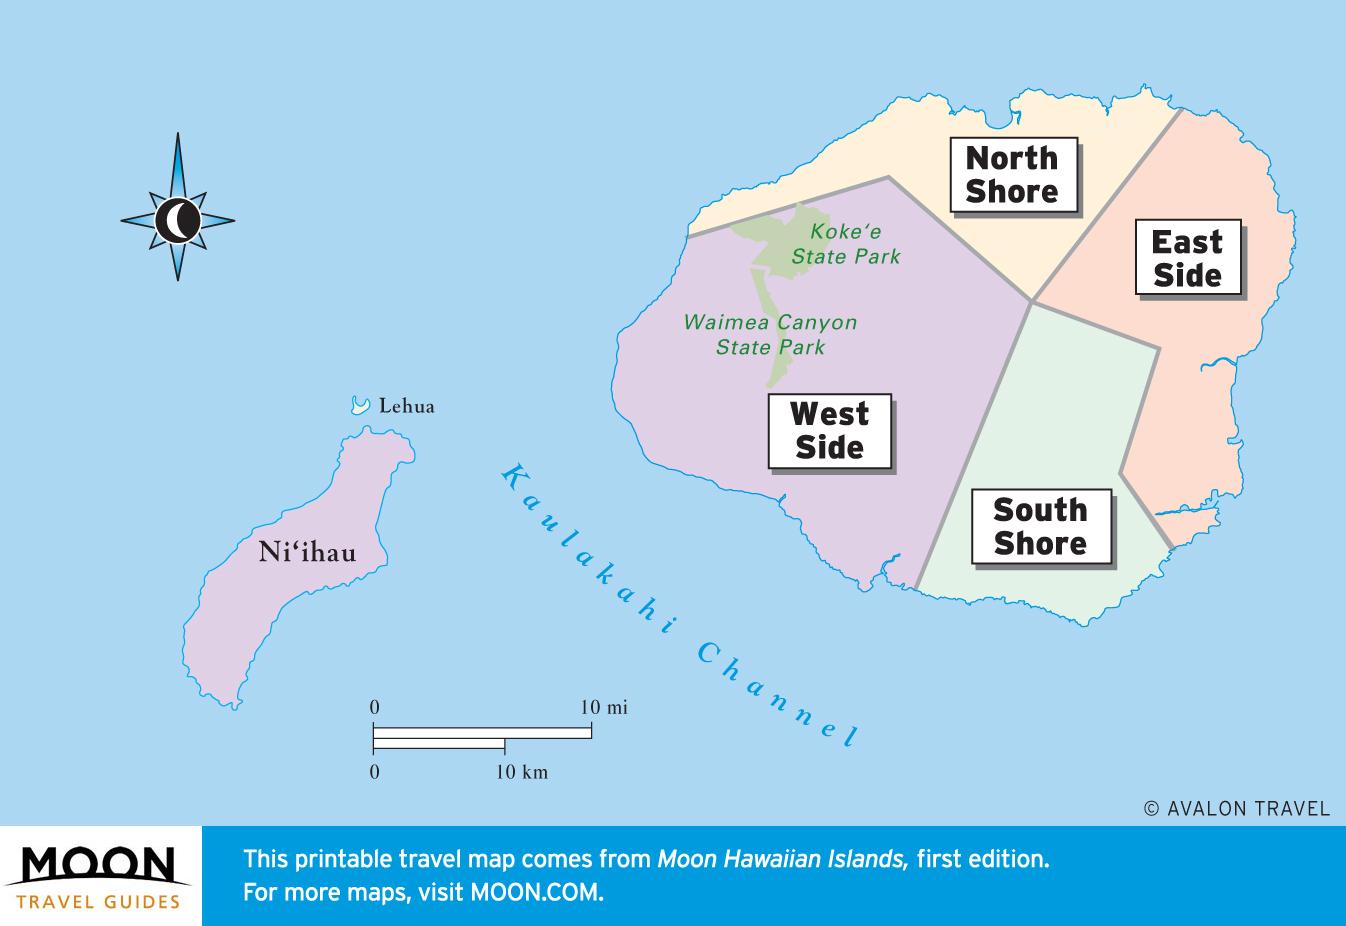 photo regarding Printable Map of Kauai identify Kauai Avalon Drive